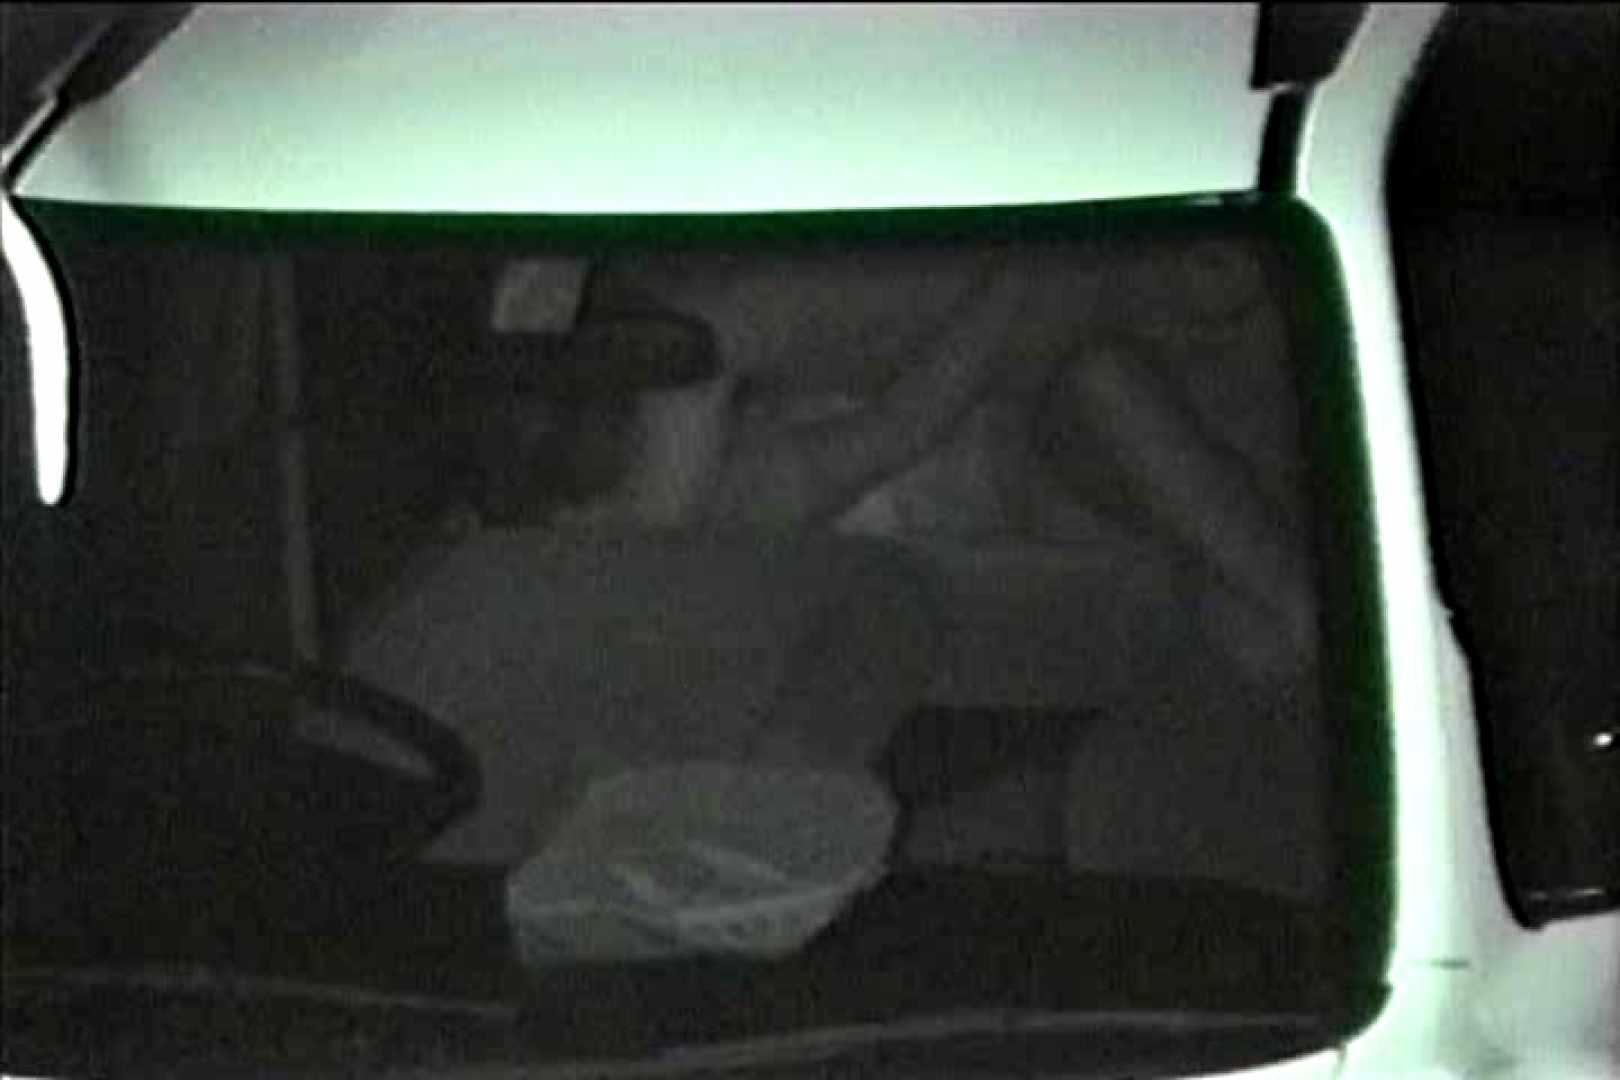 車の中はラブホテル 無修正版  Vol.7 ホテル 盗み撮りAV無料動画キャプチャ 96連発 61